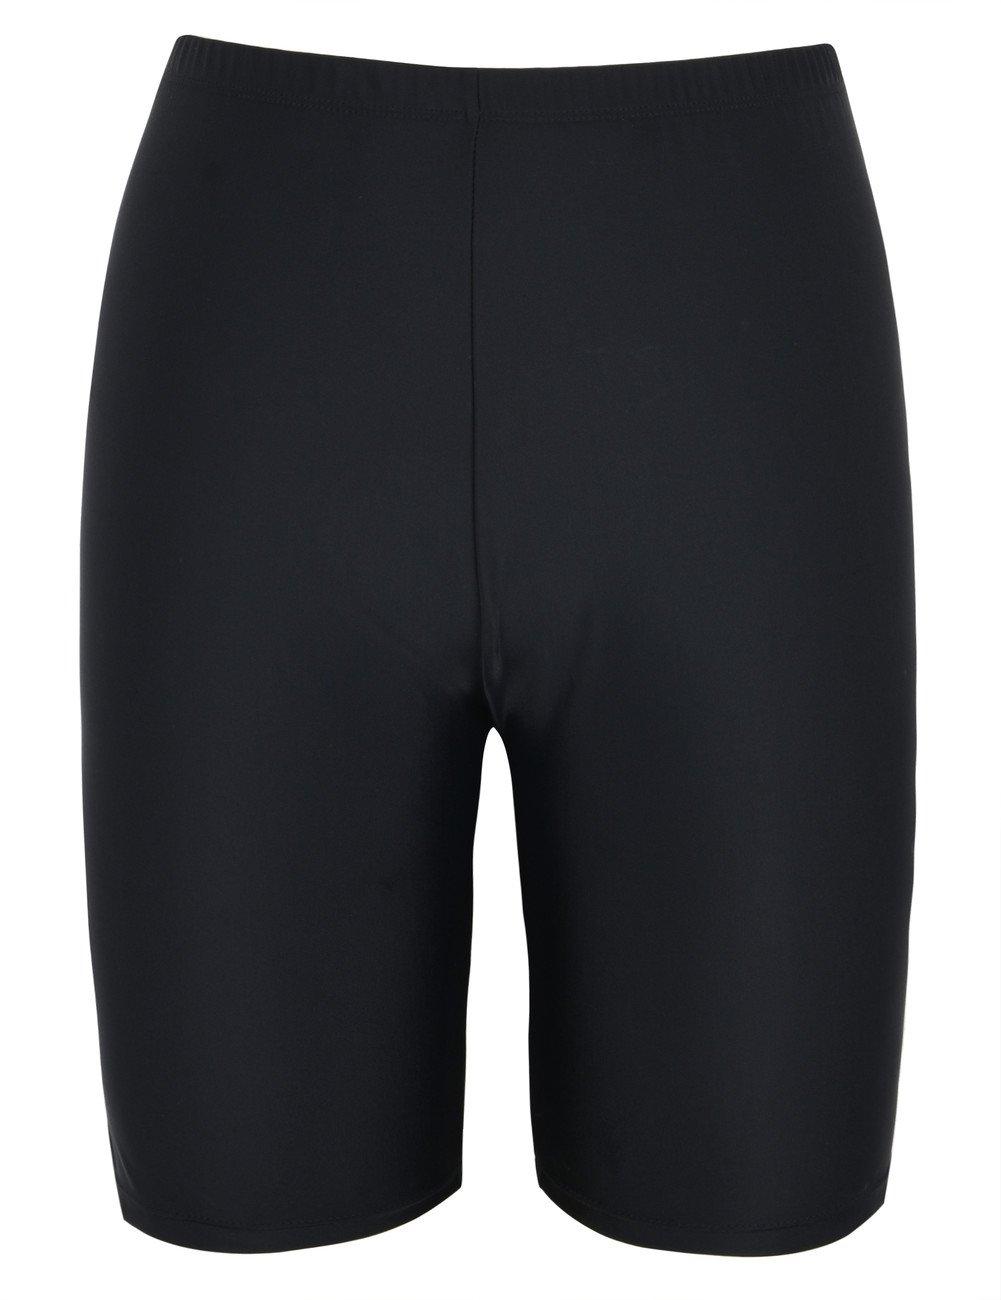 Hilor Women's UV Long Bike Shorts Rash Guard Boy Leg Swim Bottom Active Sport Capri Pants Black 22